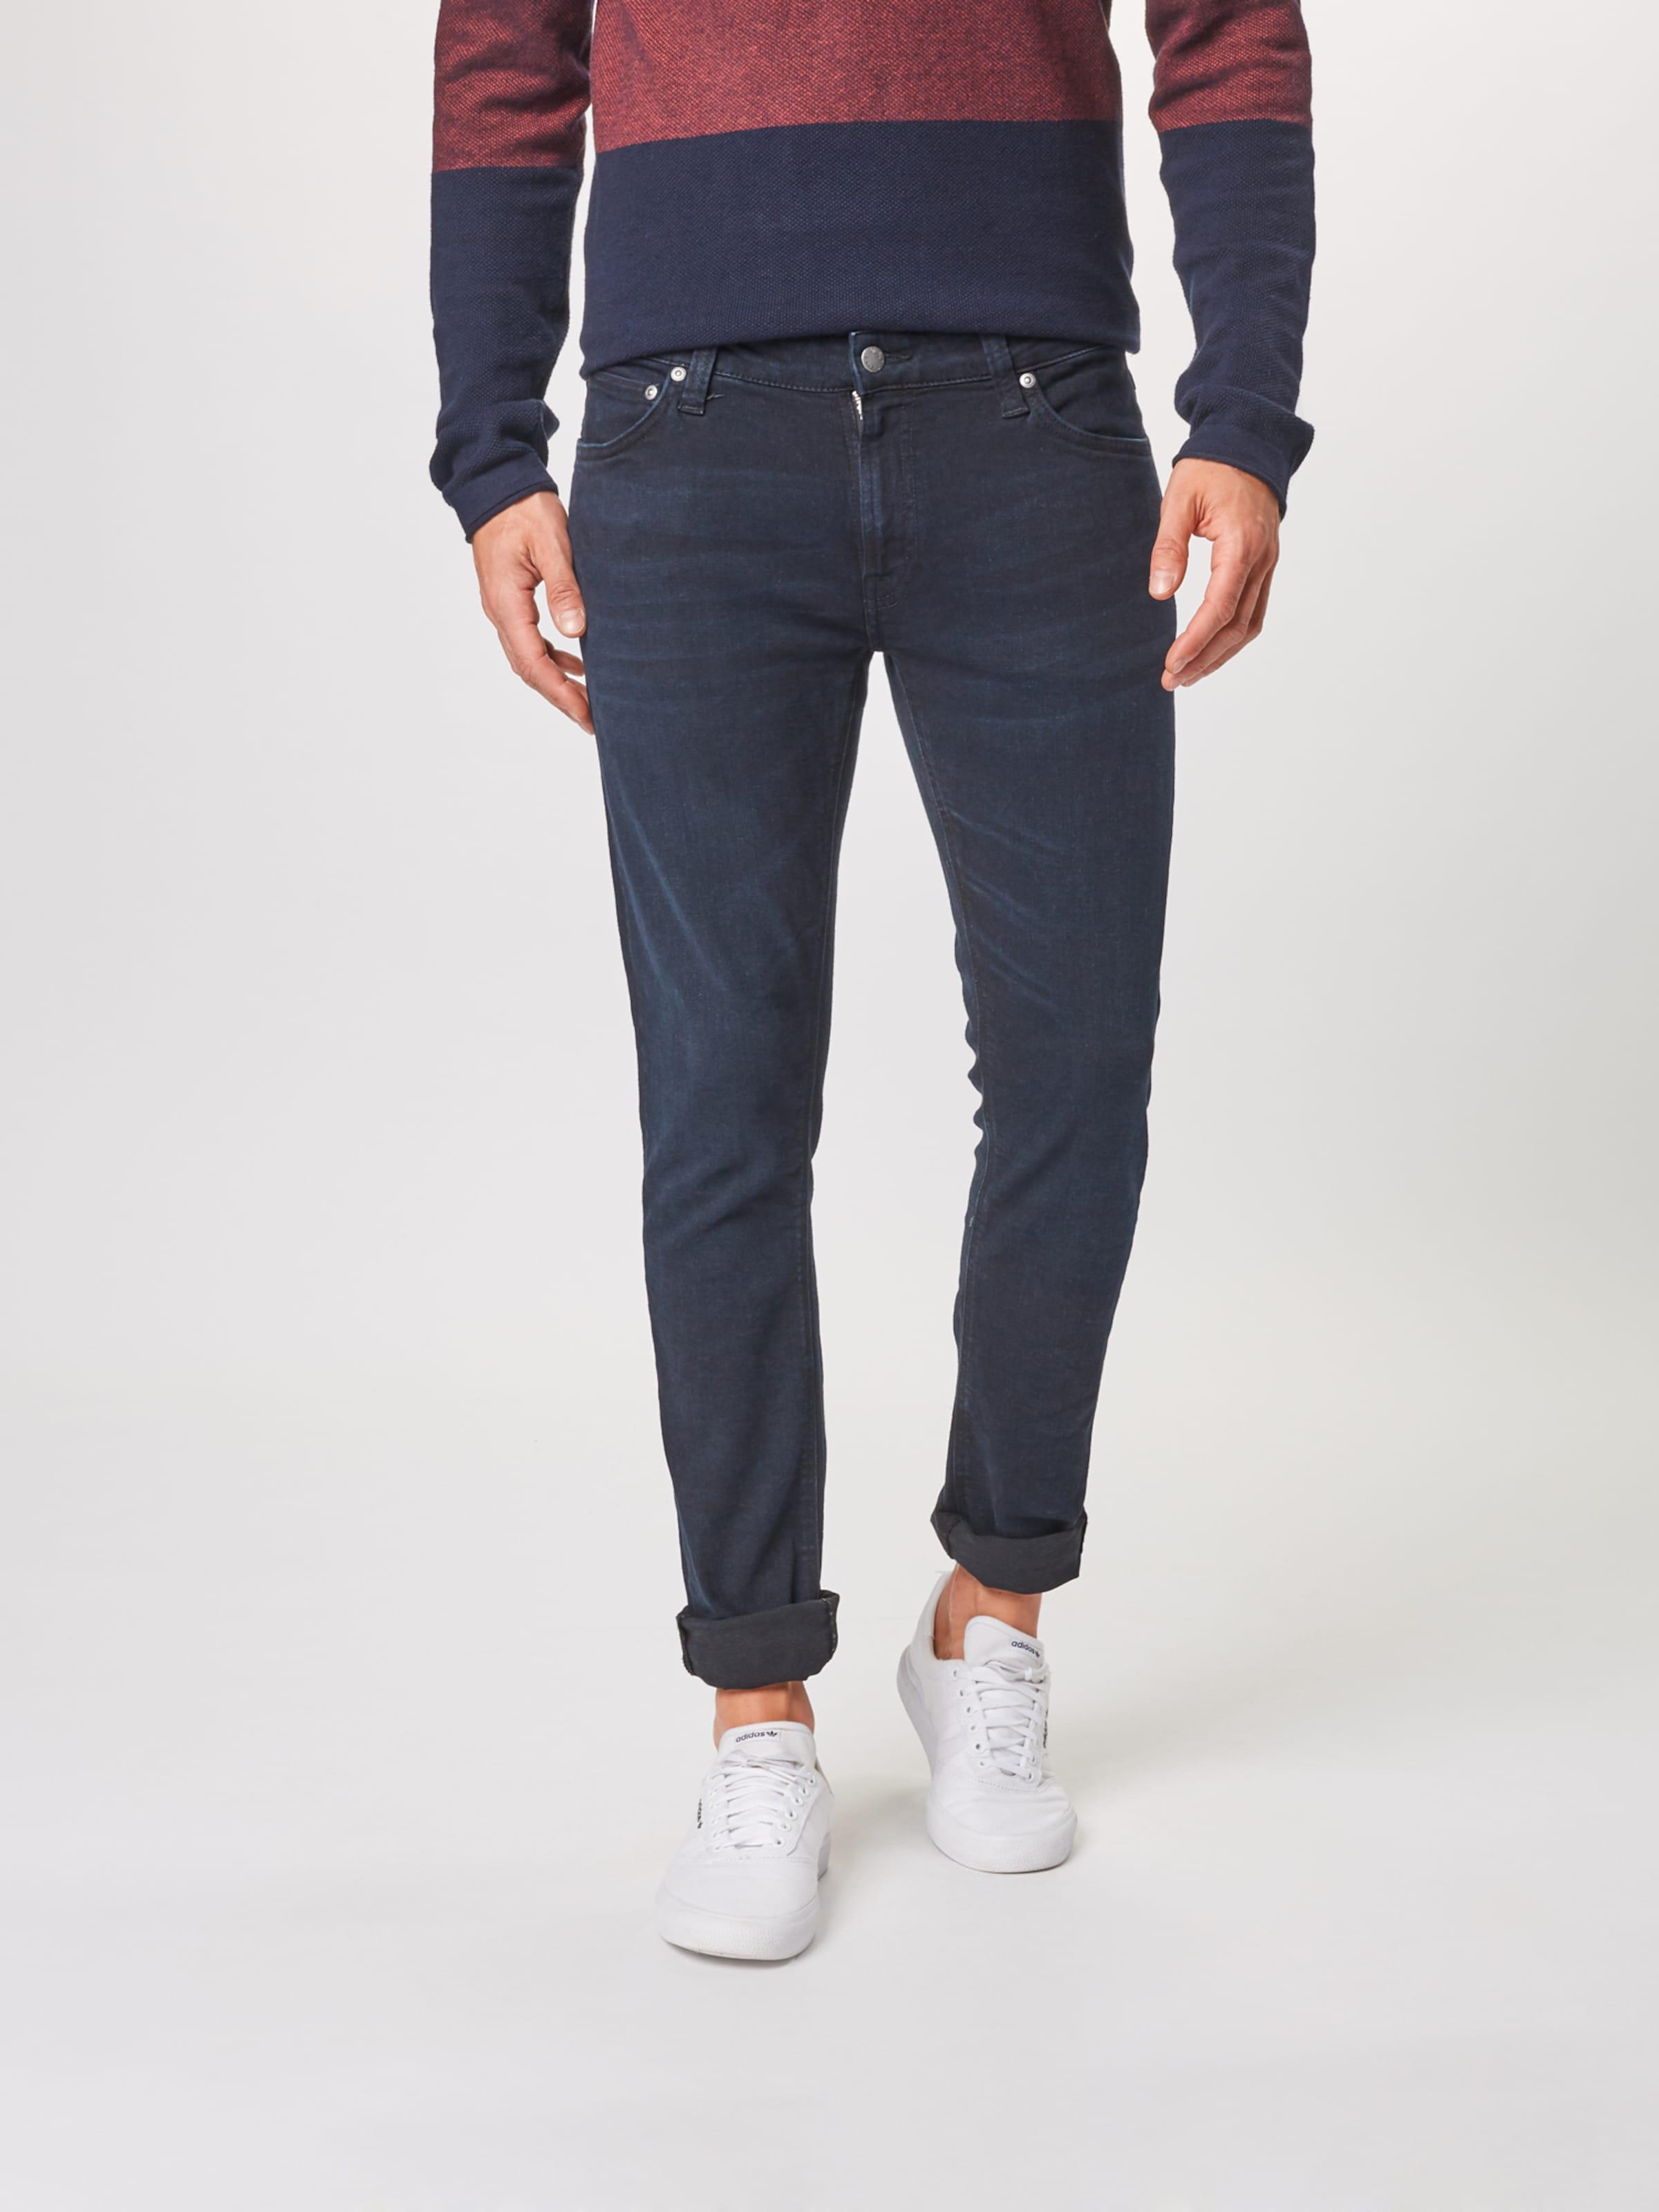 'skinny Nudie Jeans Lin' Co Denim In Blue Rj4ALq35